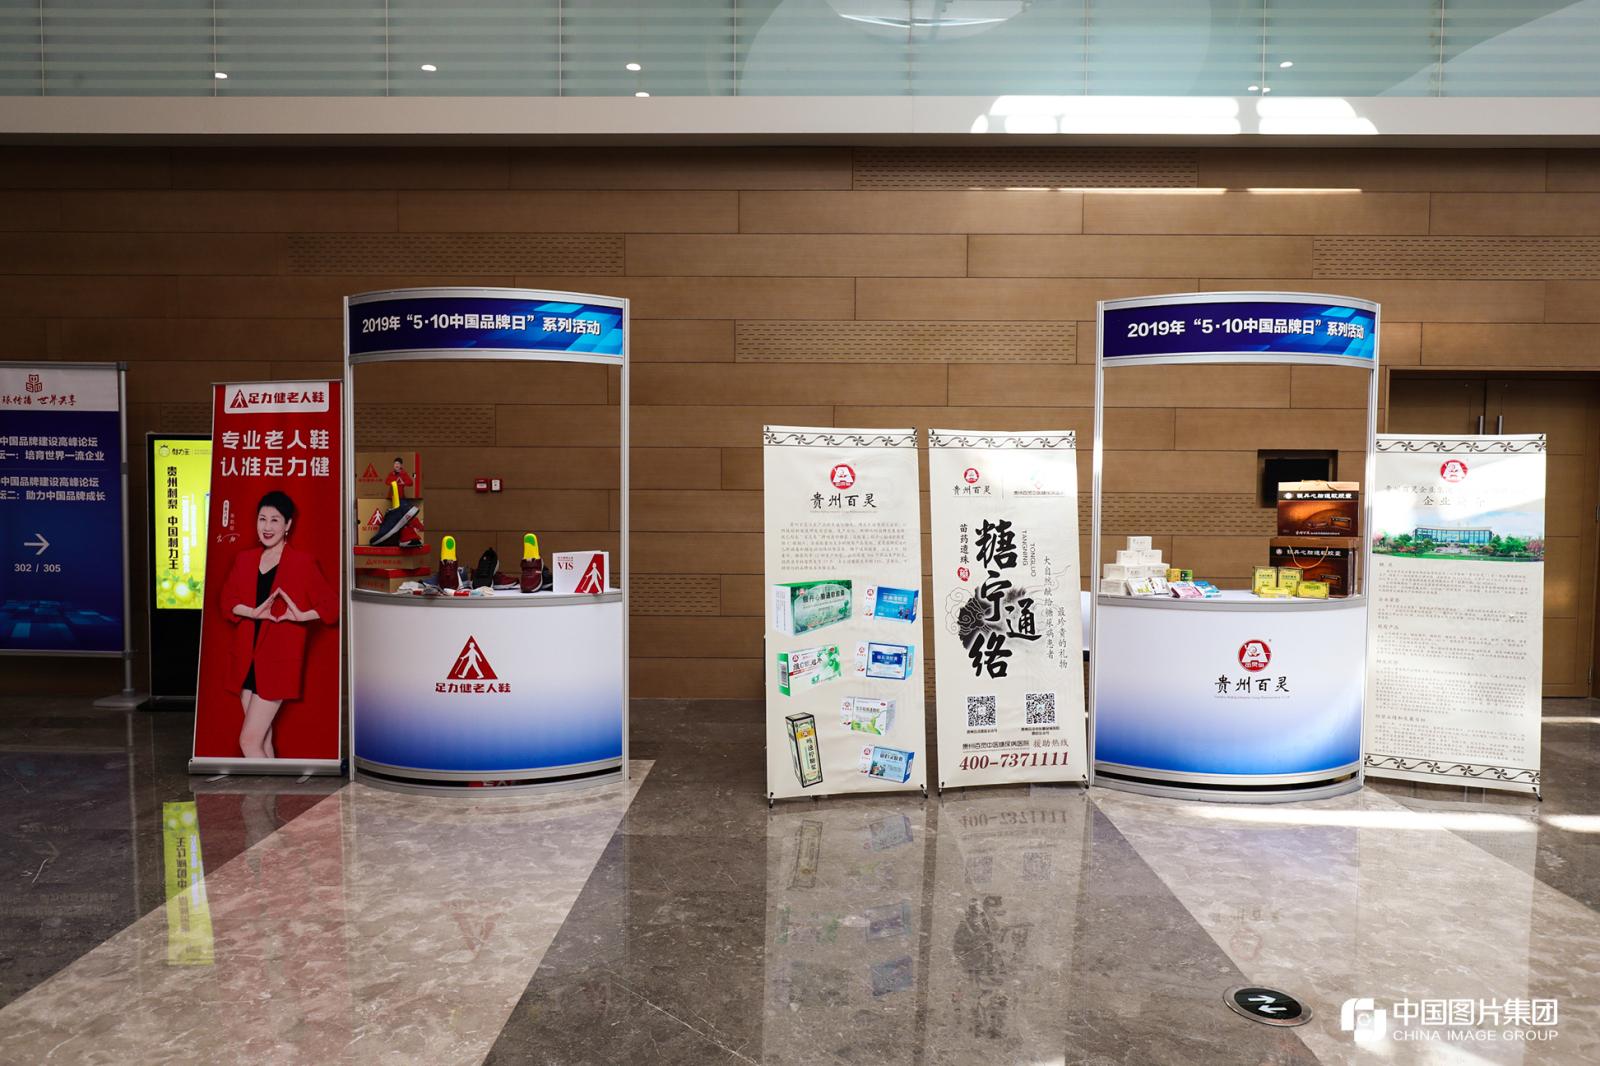 2019中國品牌價值評價信息發布暨中國品牌建設高峰論壇現場